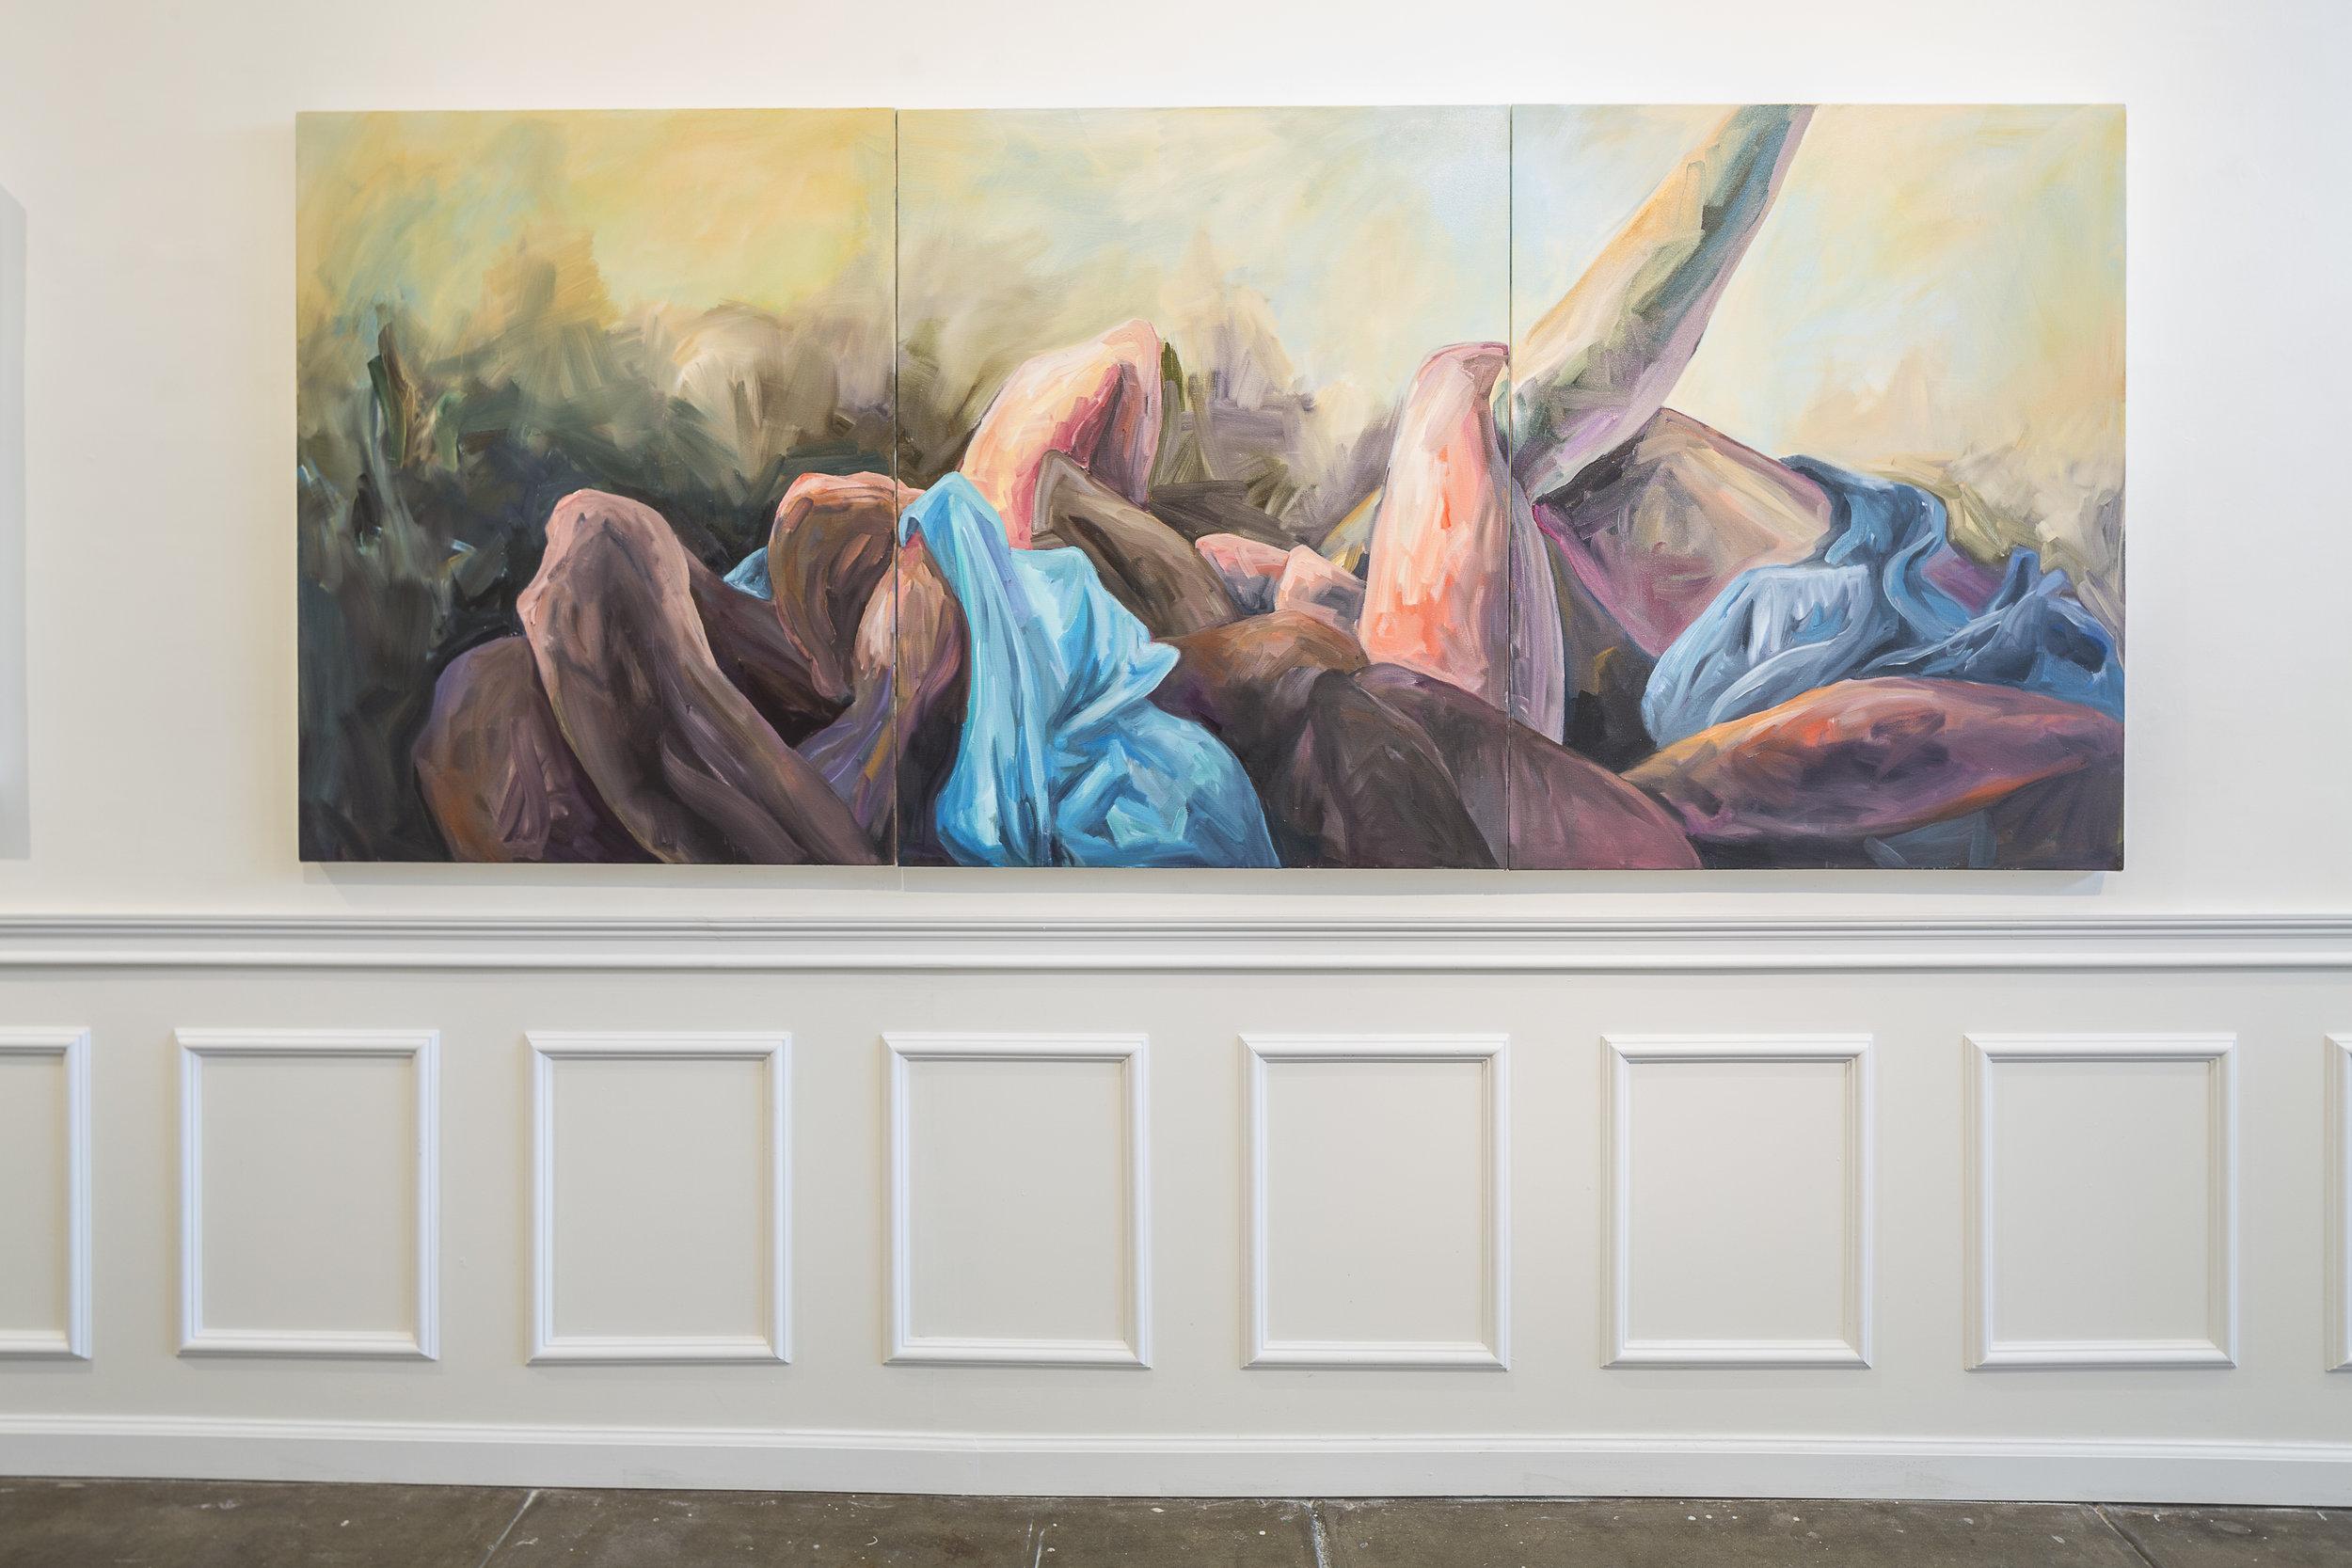 160408_broersma_lodge_paintings-22.jpg